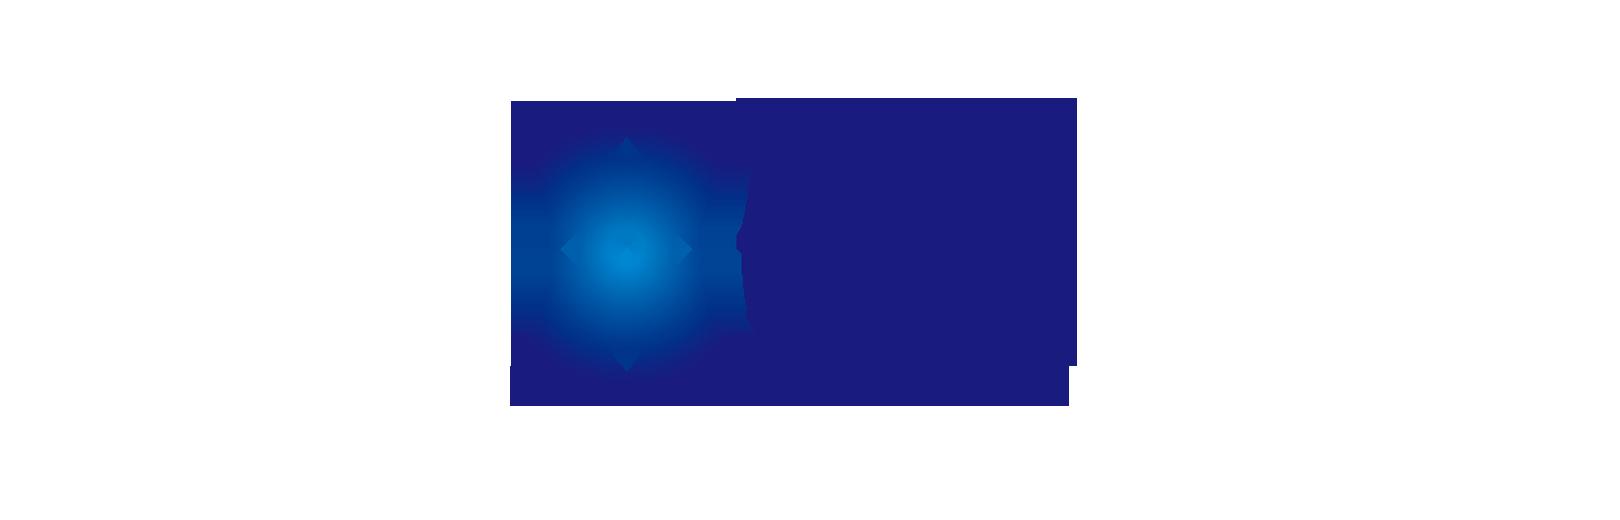 北京康正宏信信息技术有限公司